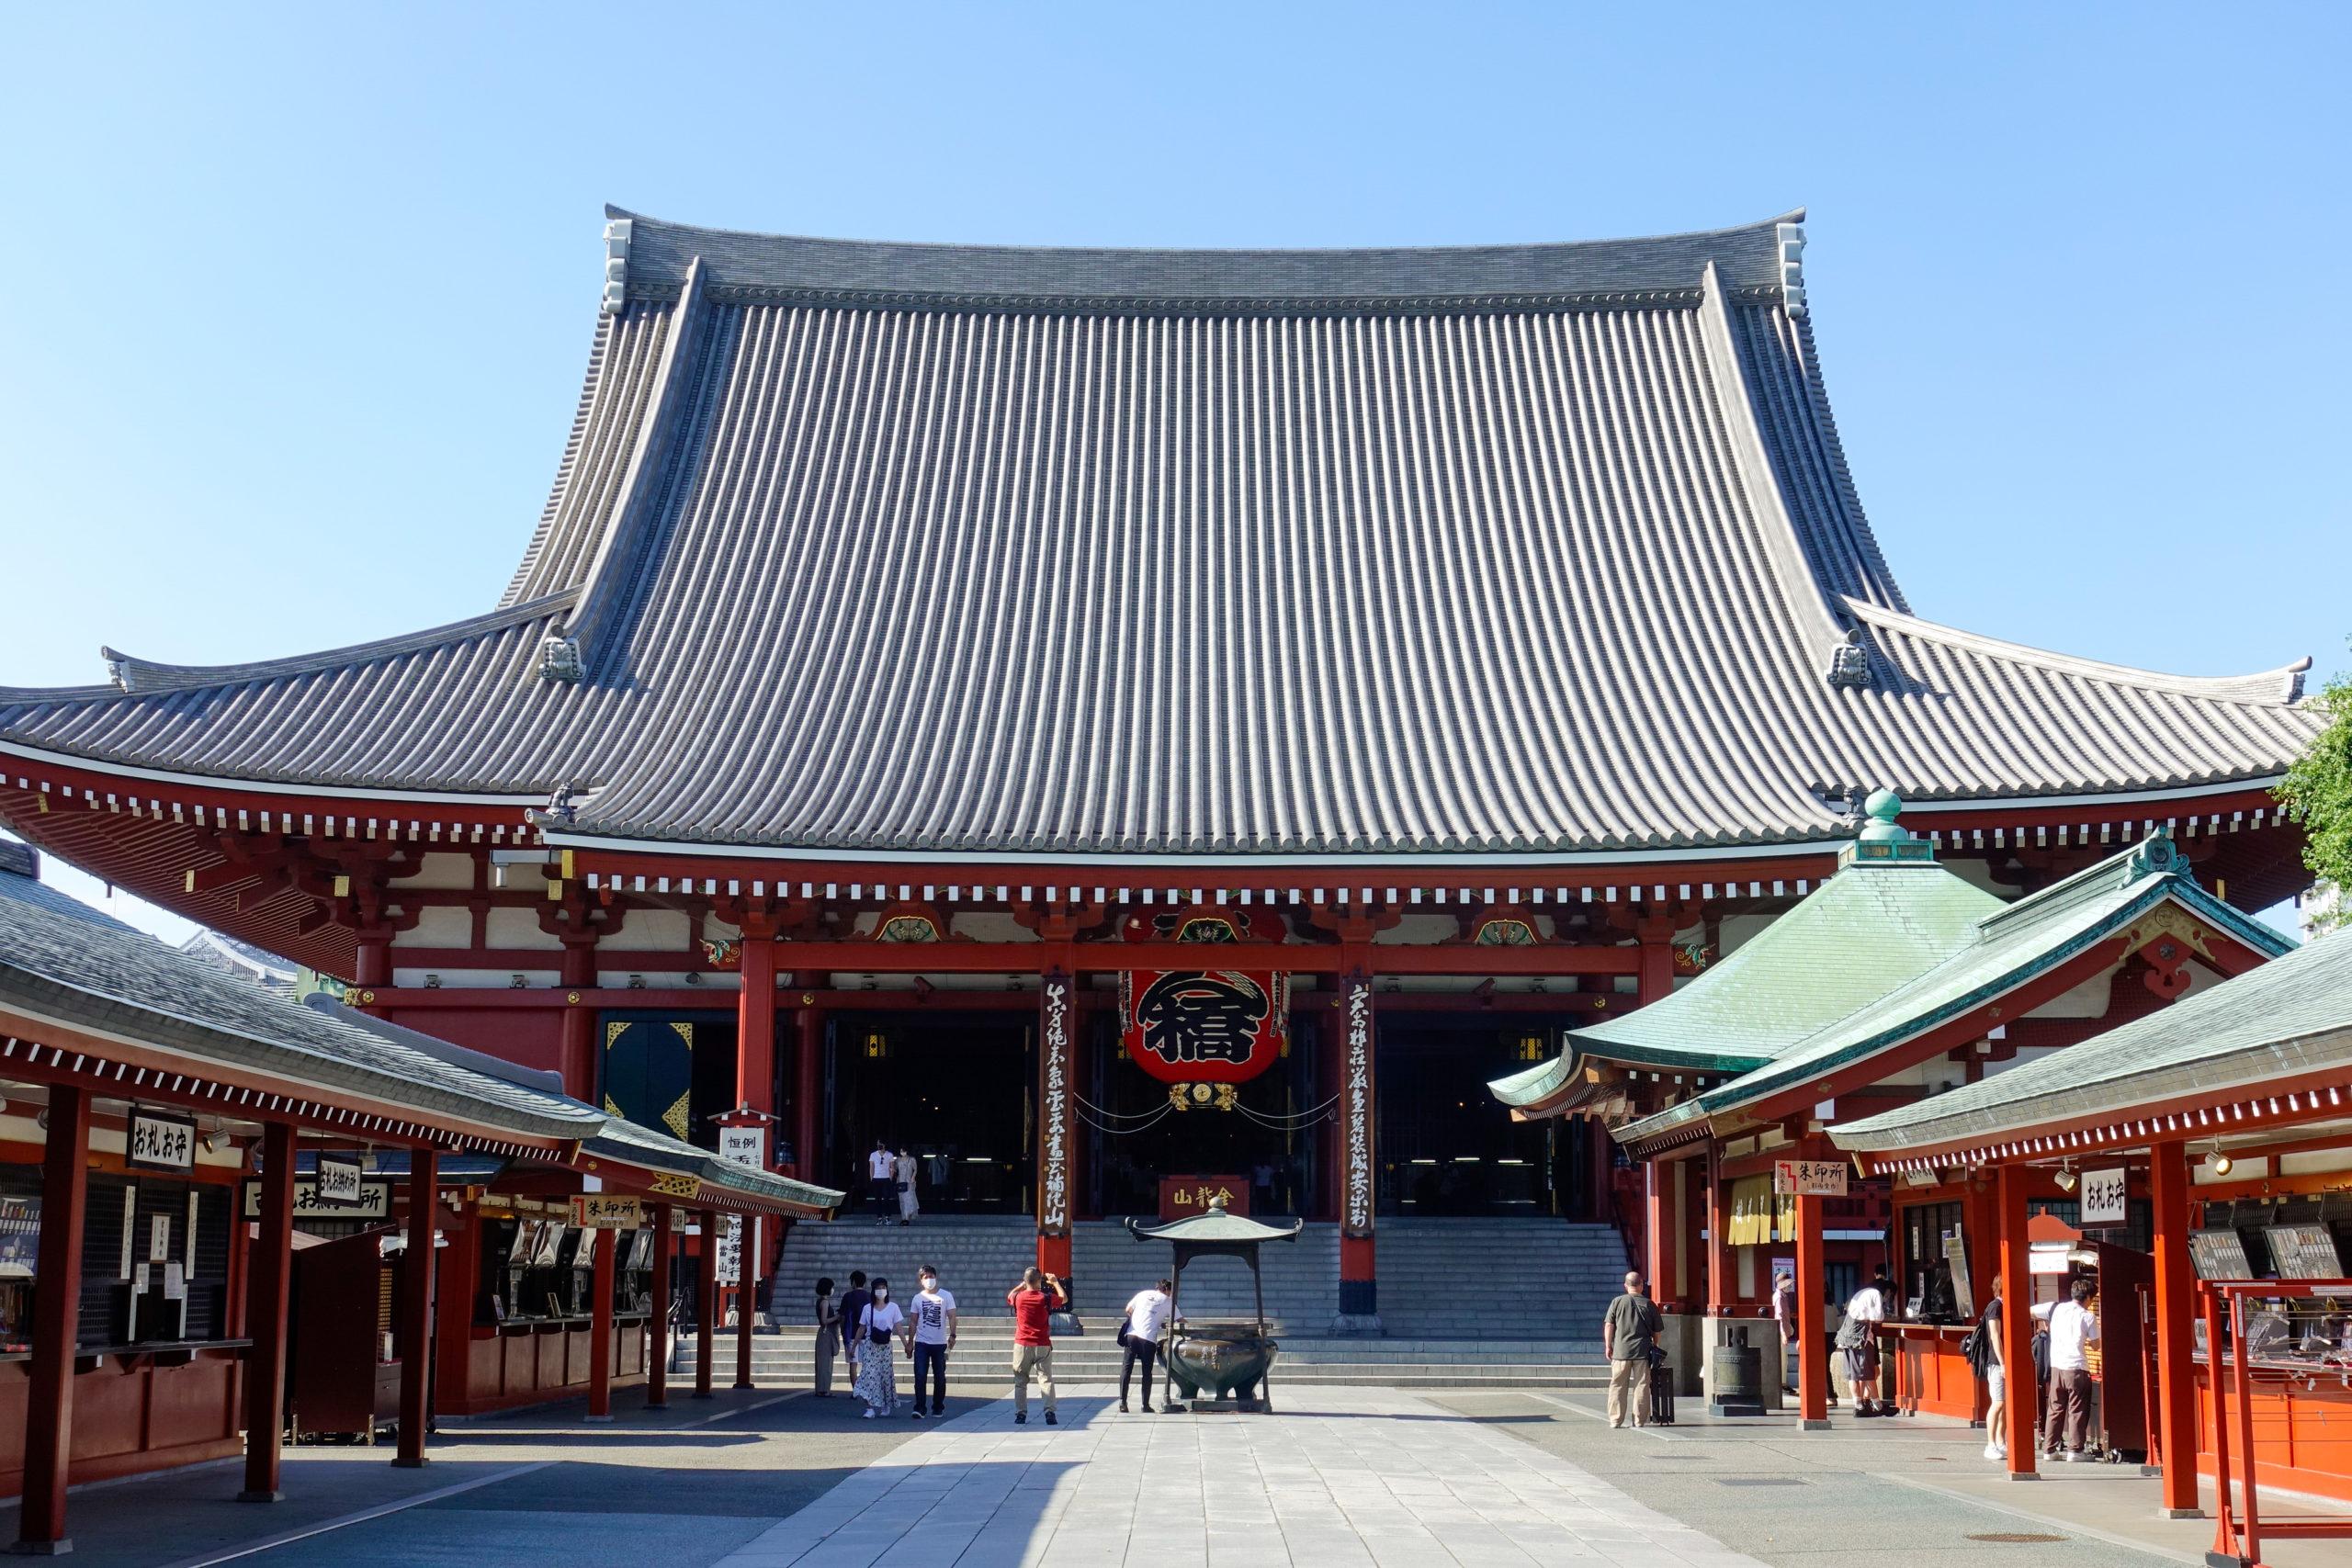 【東京 旅行 観光】現地スタッフが地元浅草から情報配信 ~アクセスやグルメ情報も~